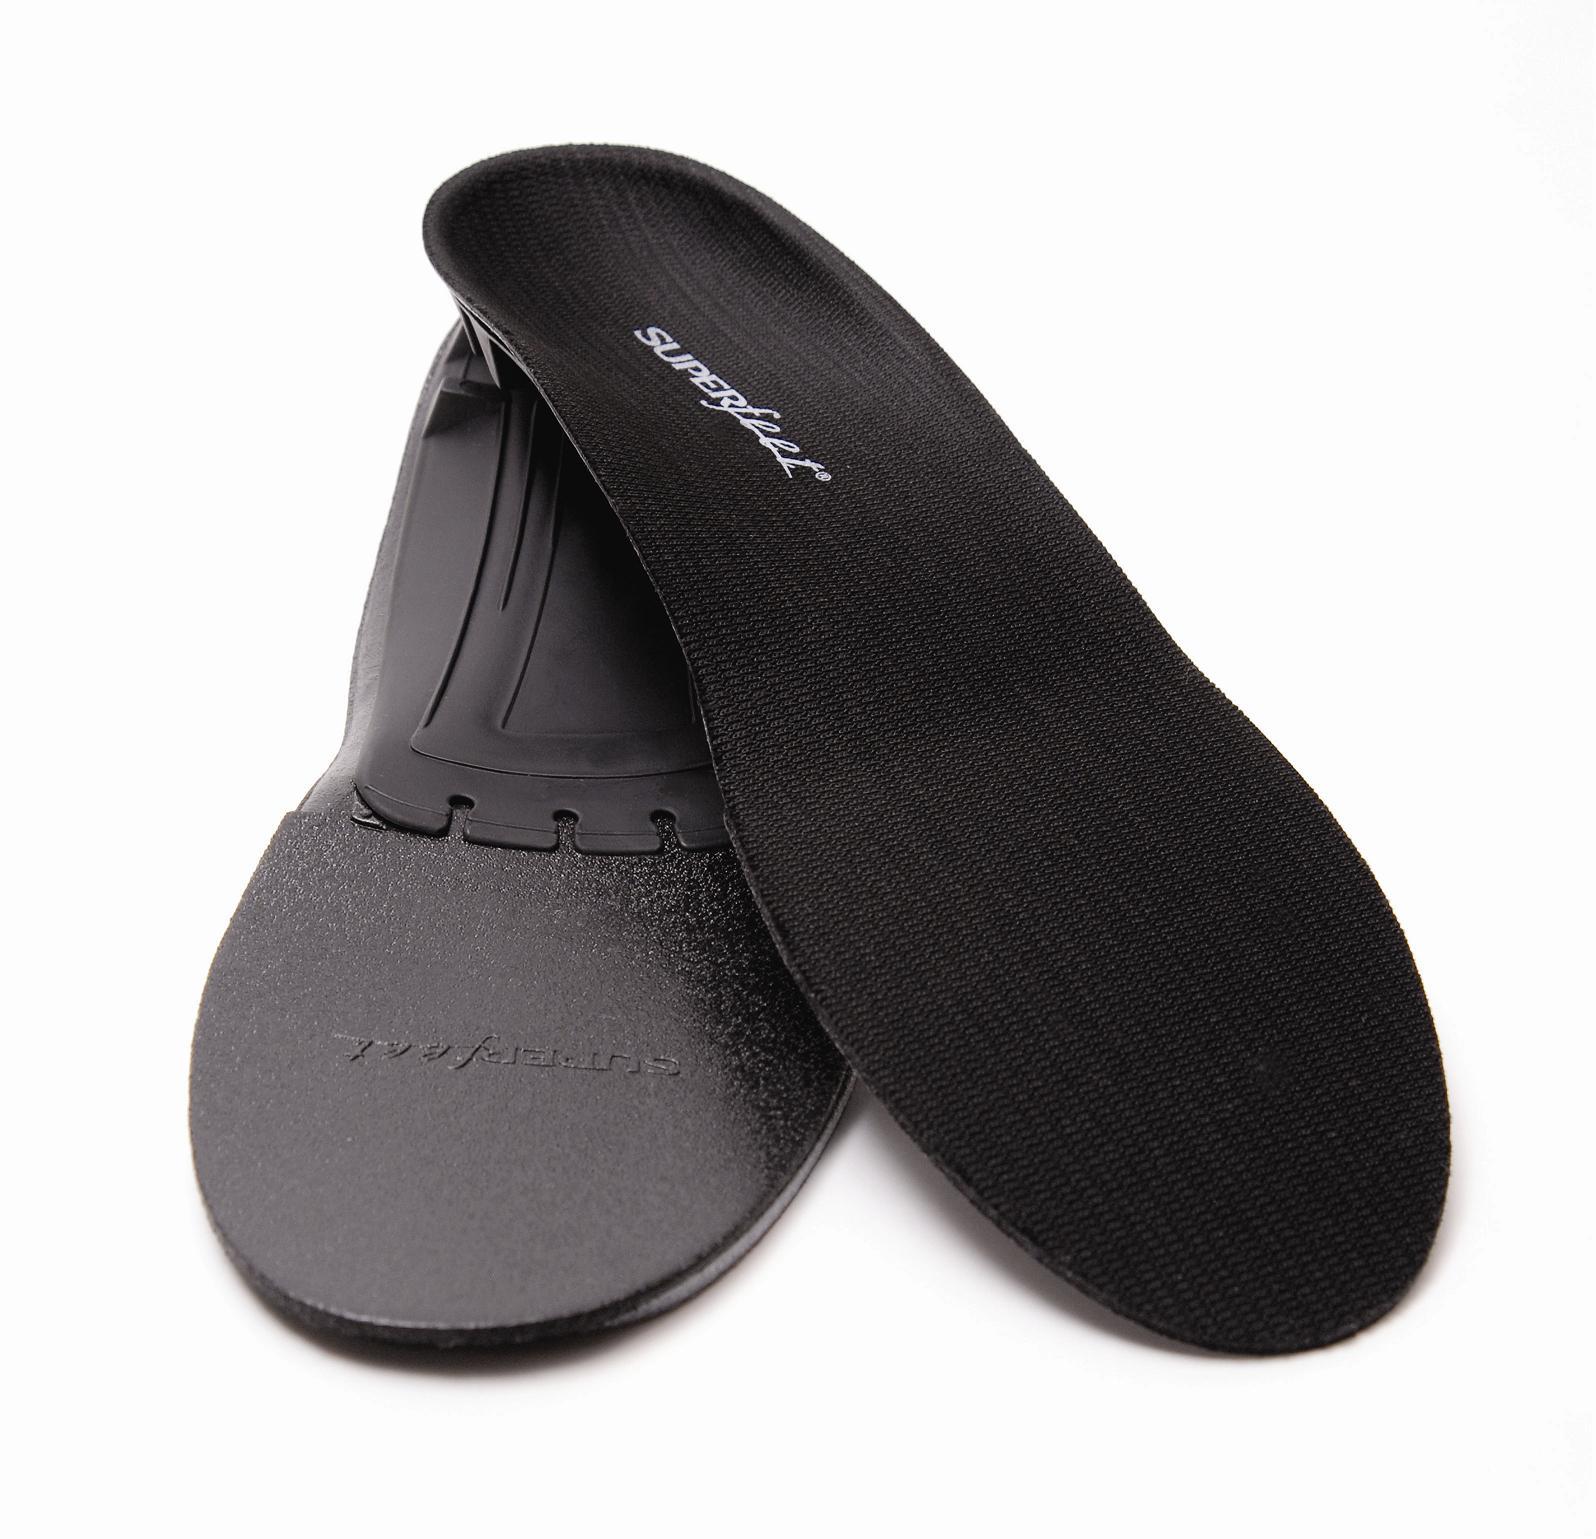 Vložky do topánok - Superfeet BLACK, beh, tretry a neformálna obuv